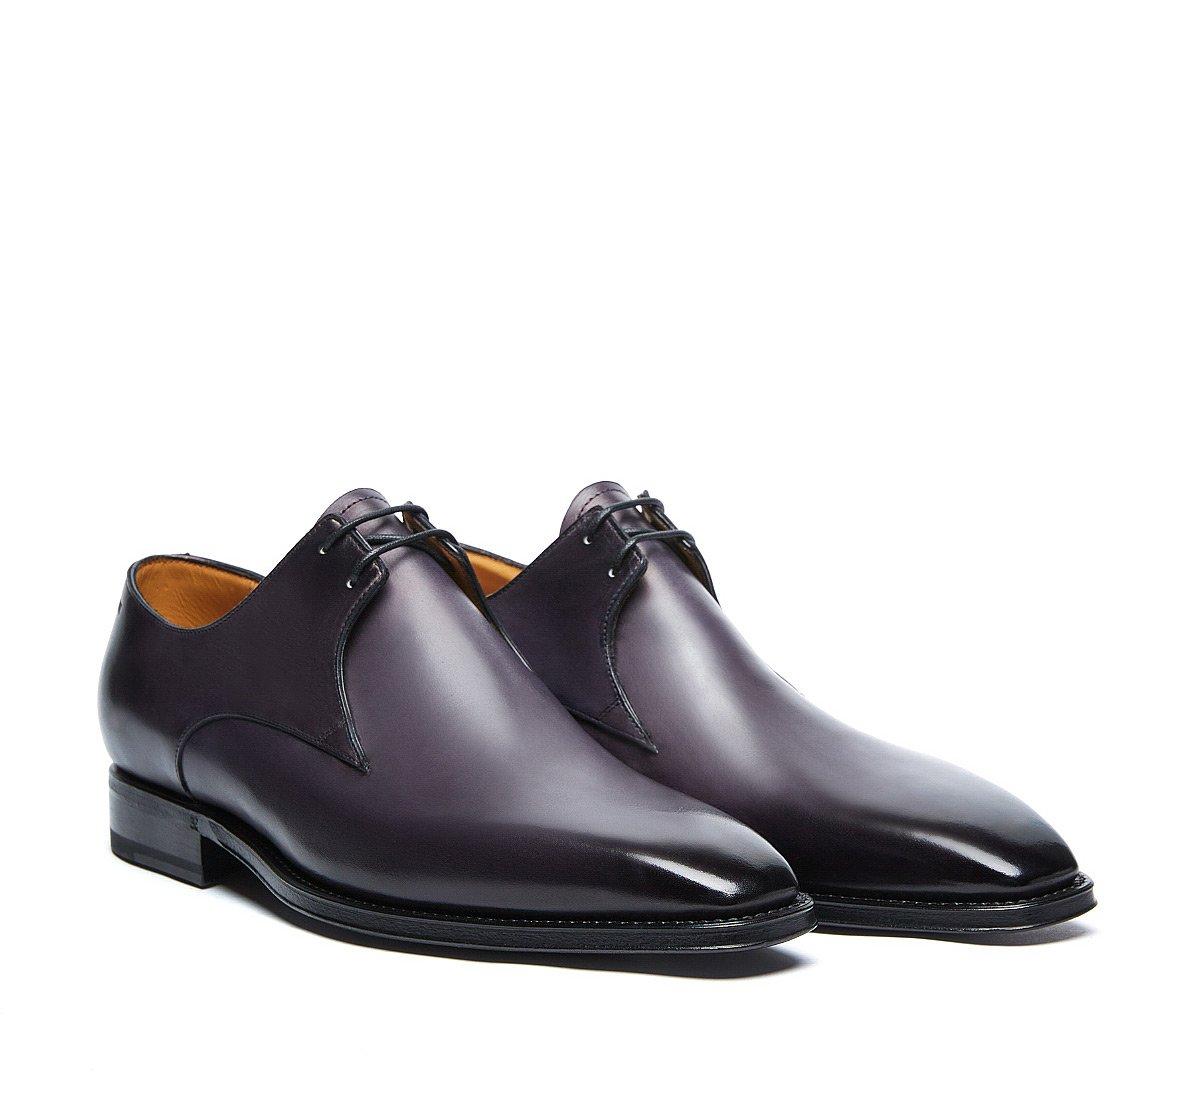 Ботинки на шнурках Flex Goodyear из высококачественной телячьей кожи ручного дубления